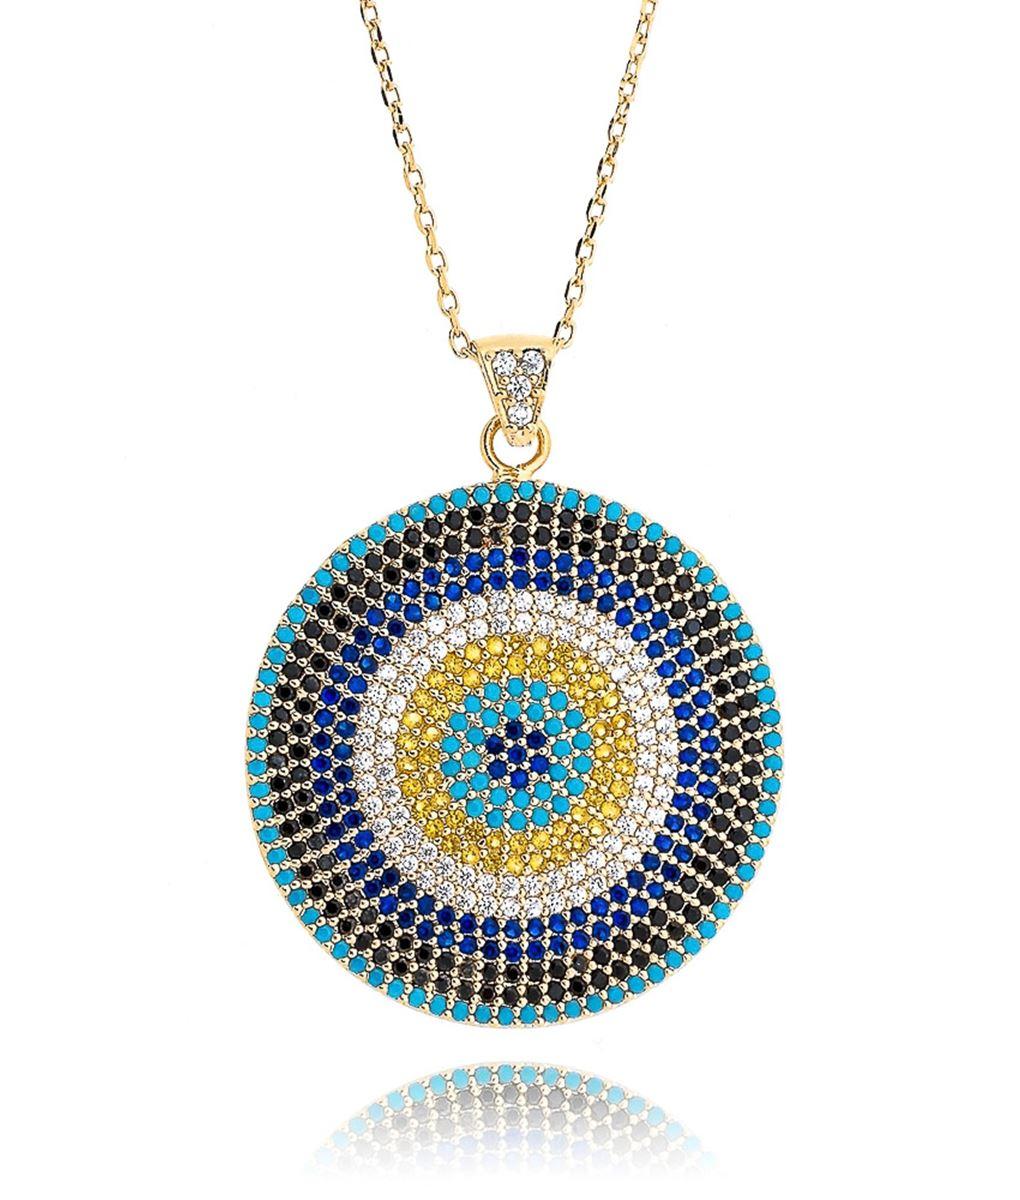 colar olho grego dourado colorido prata turca